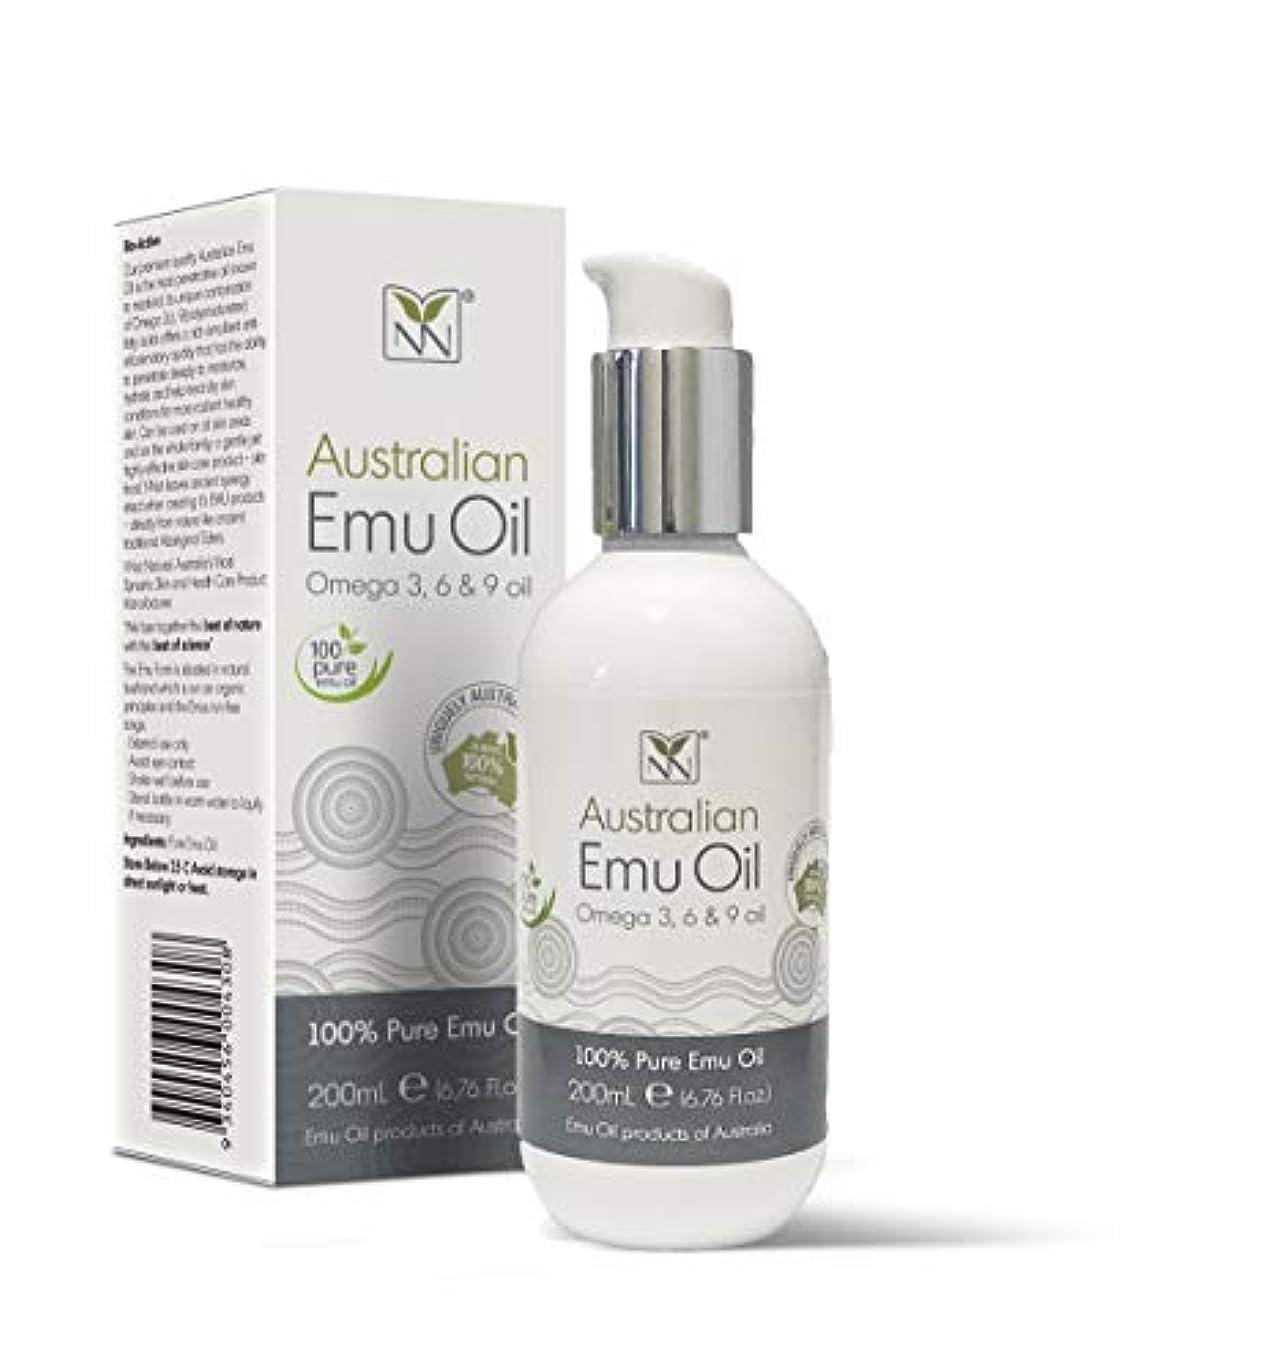 切り離すリラックスシニスY Not Natural エミューオイル EMU OIL 無添加100% 保湿性 浸透性 抜群 プレミアム品質 エミュー油 (200 ml)